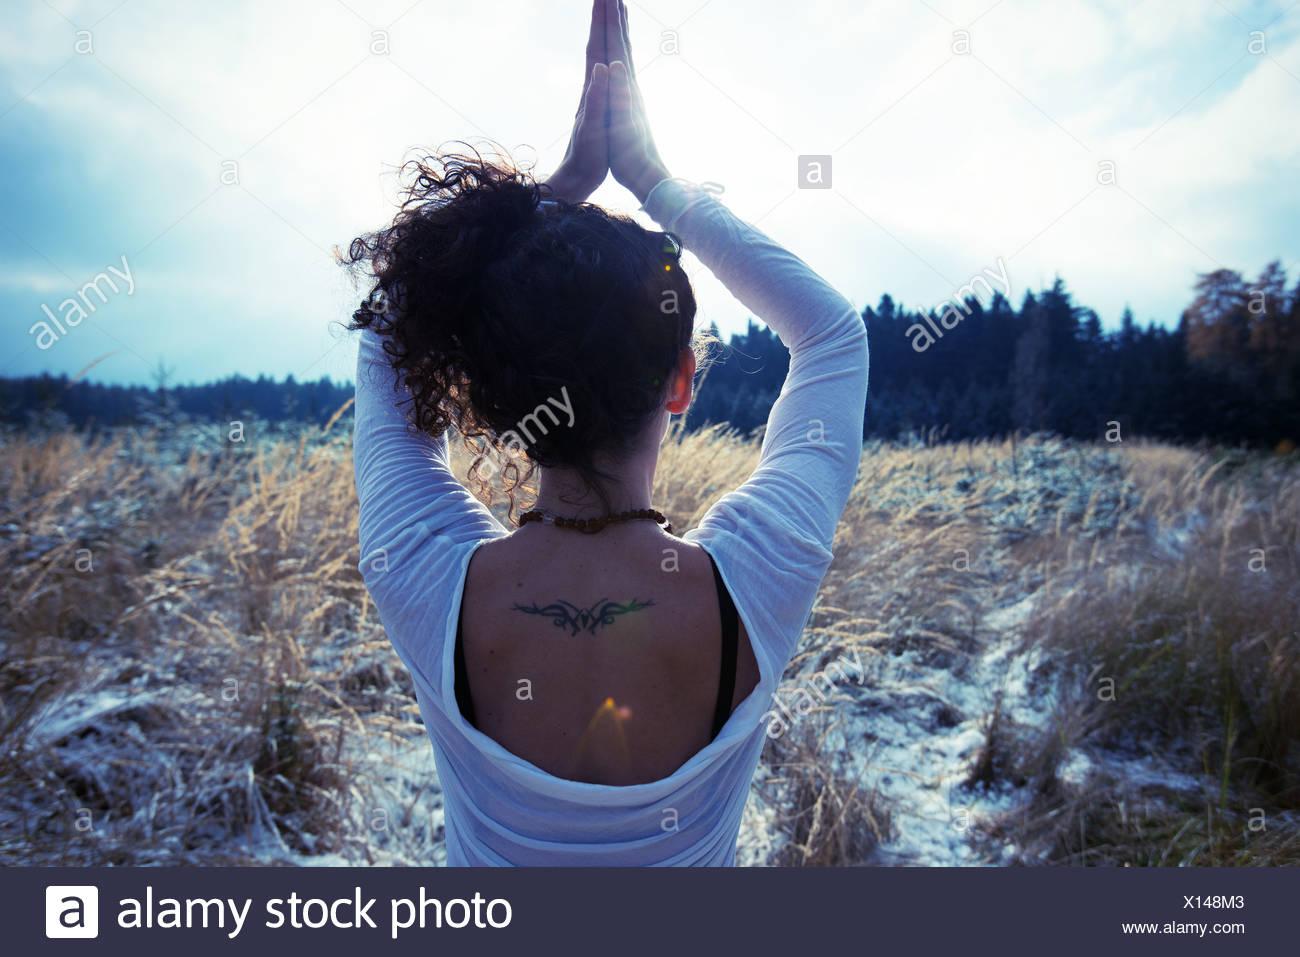 Mitad mujer adulta practicando yoga árbol permanente plantean Foto de stock